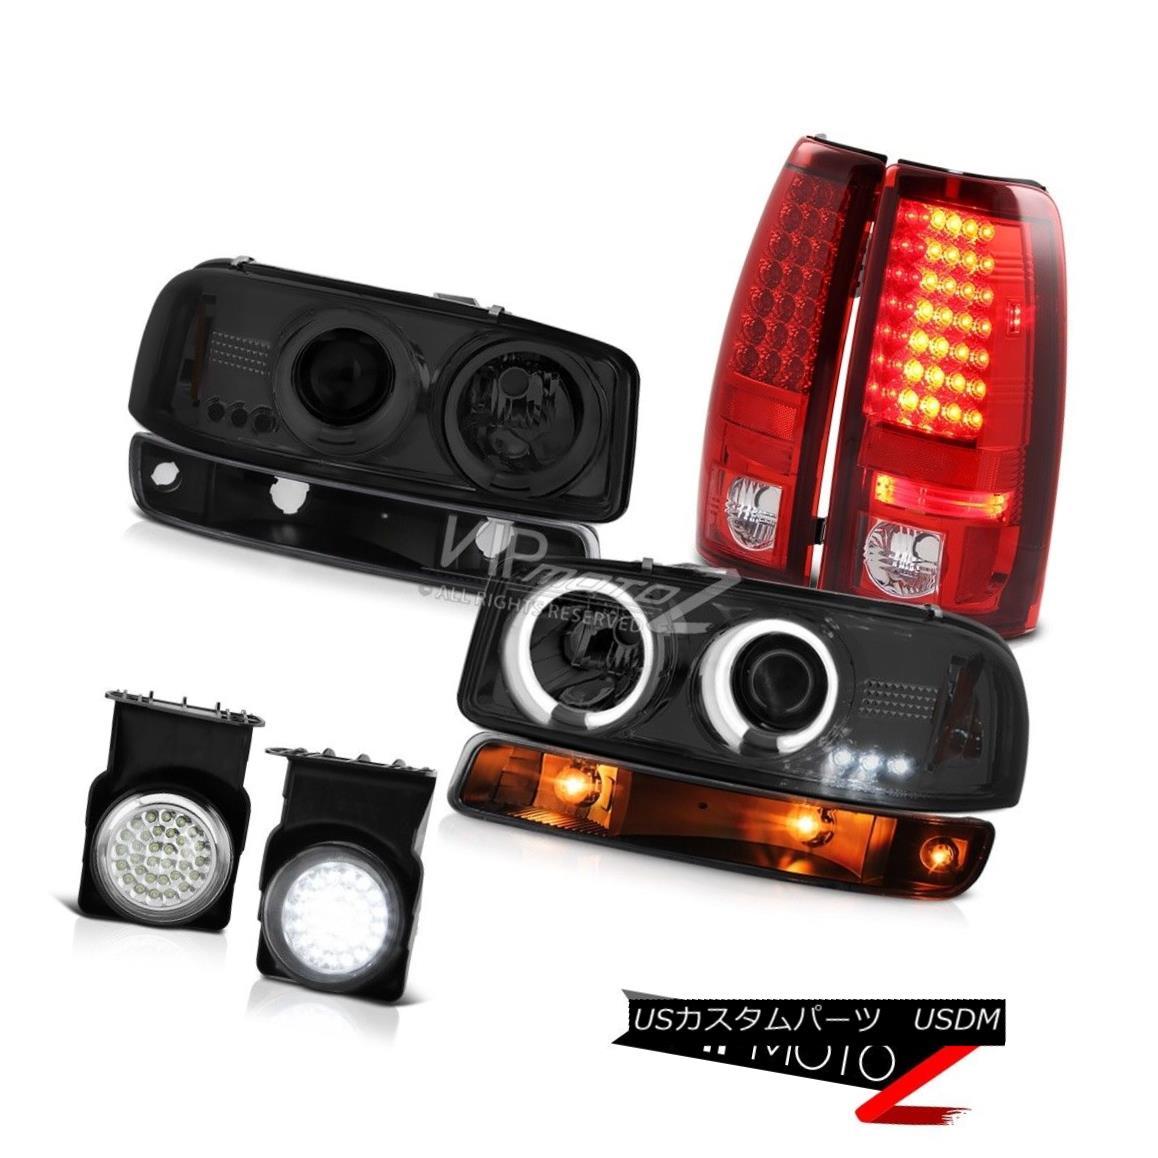 ヘッドライト 03-06 Sierra GMT800 Fog lamps tail brake matte black bumper lamp ccfl Headlamps 03-06 Sierra GMT800フォグランプテールブレーキマットブラックバンパーランプccflヘッドランプ